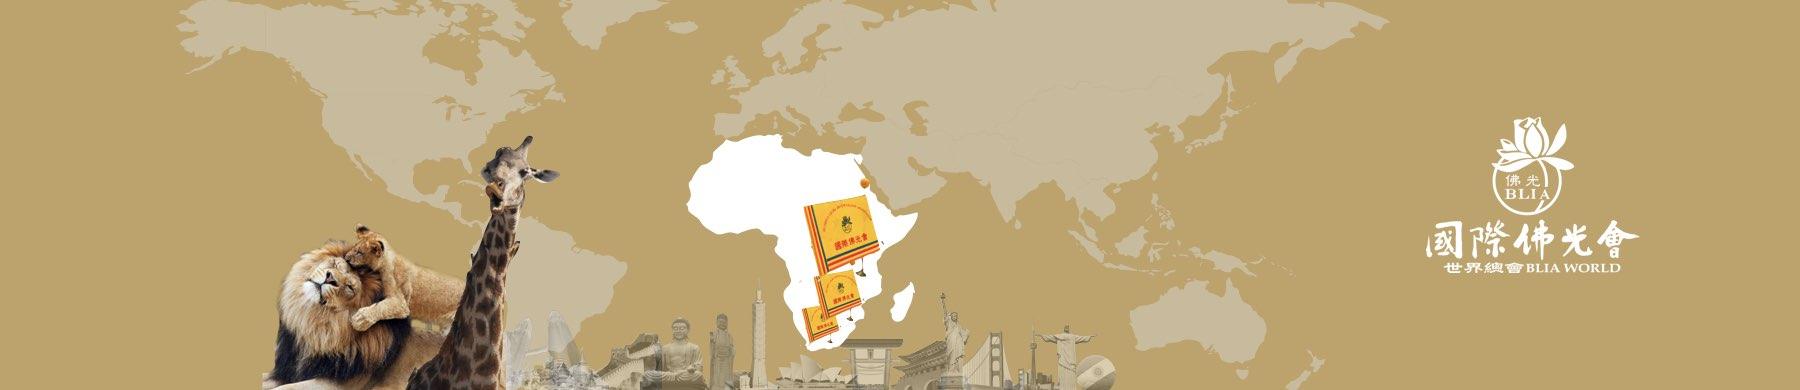 banner-非洲